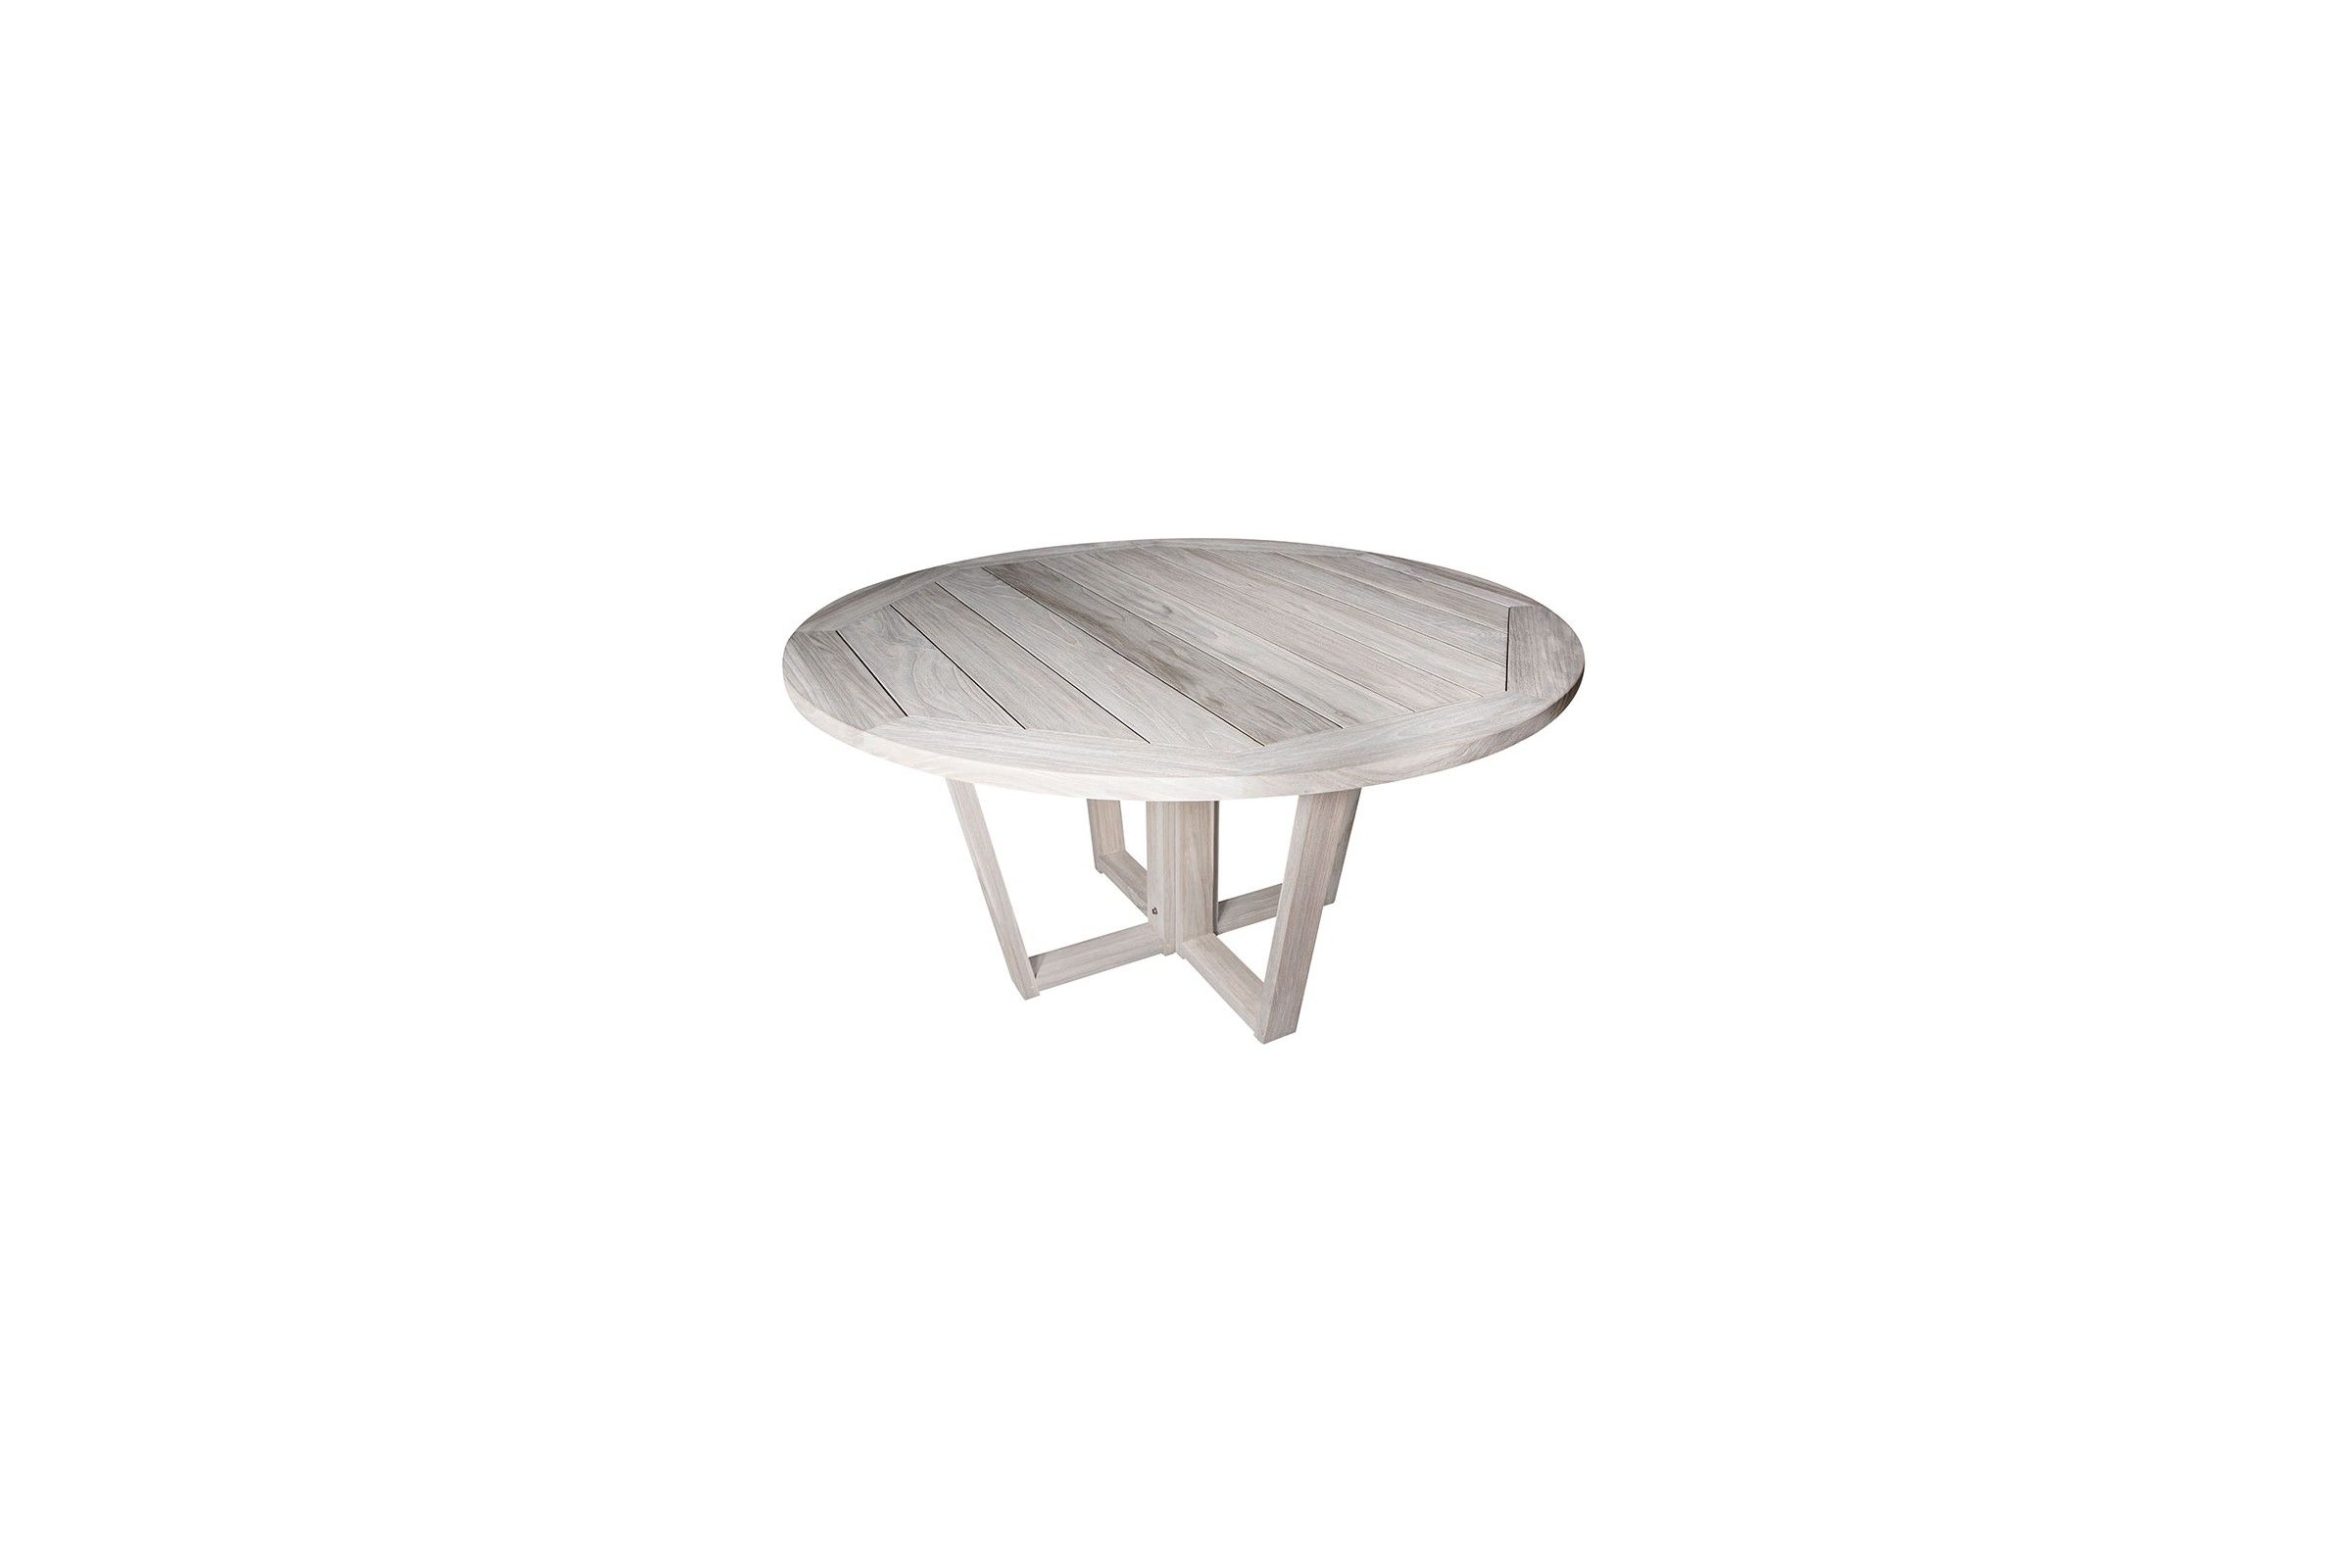 Table ronde en vieux teck massif finition d lav e d 150 cm 8 10 couverts - Diametre table ronde ...